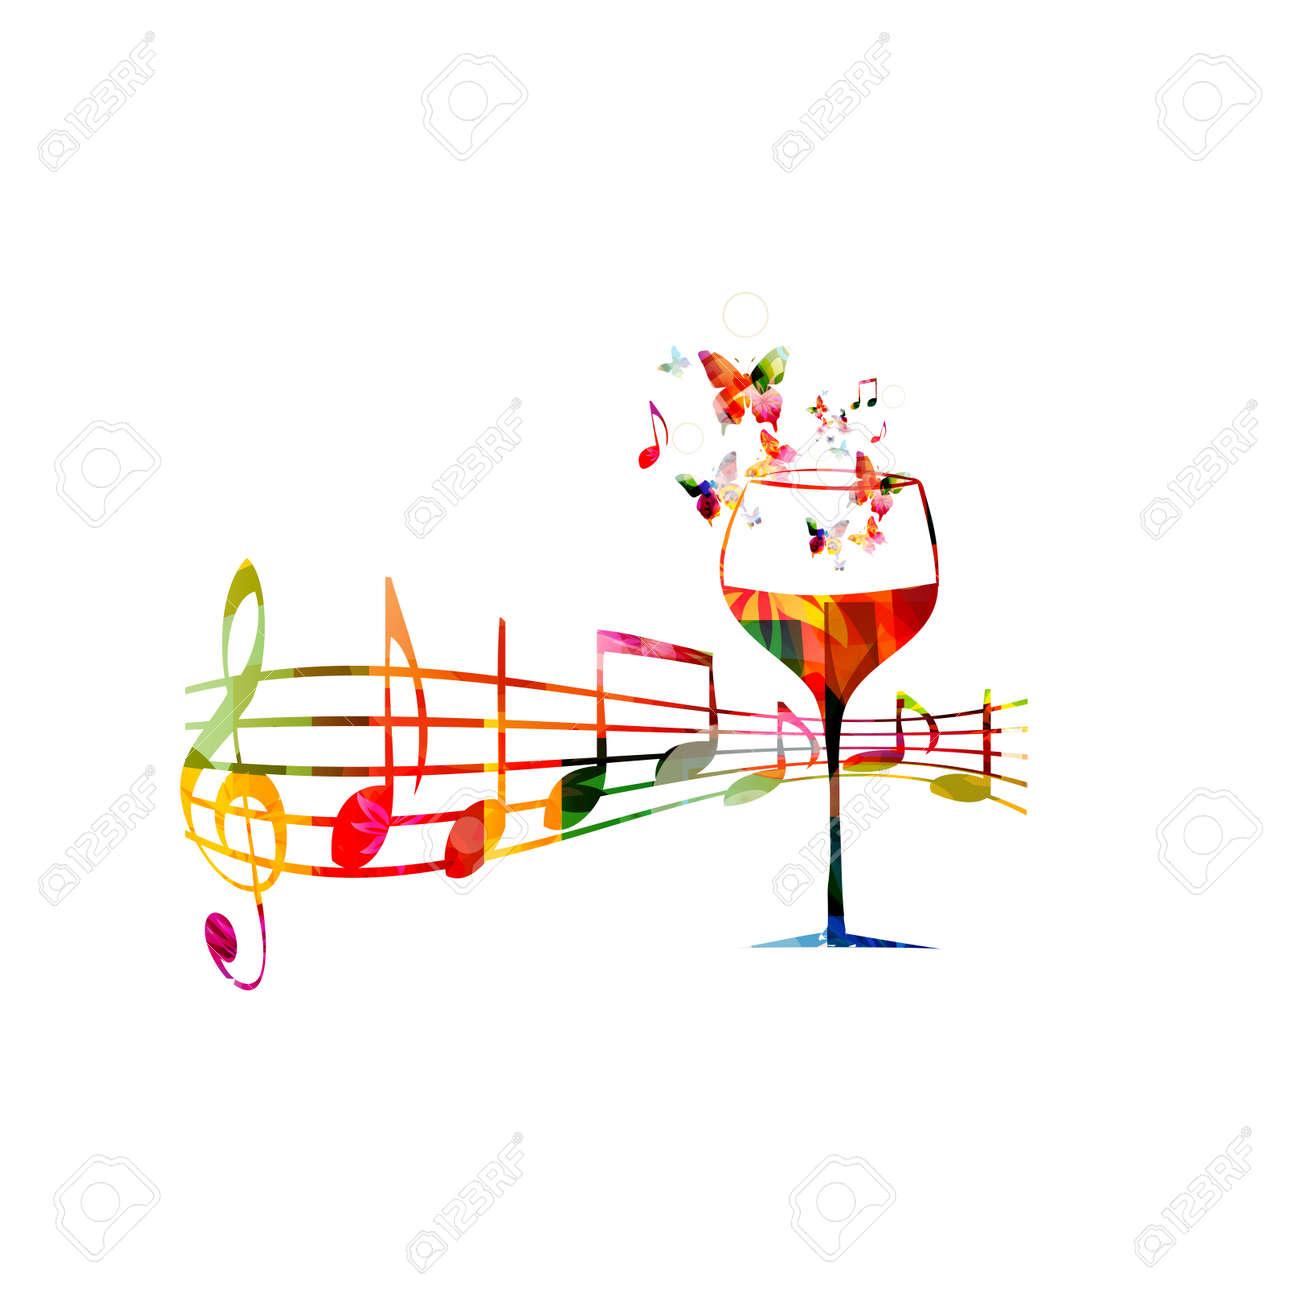 Vecteur modèle Creative style de musique illustration, coloré verre de vin avec le personnel de la musique et les notes, événement vin fond,